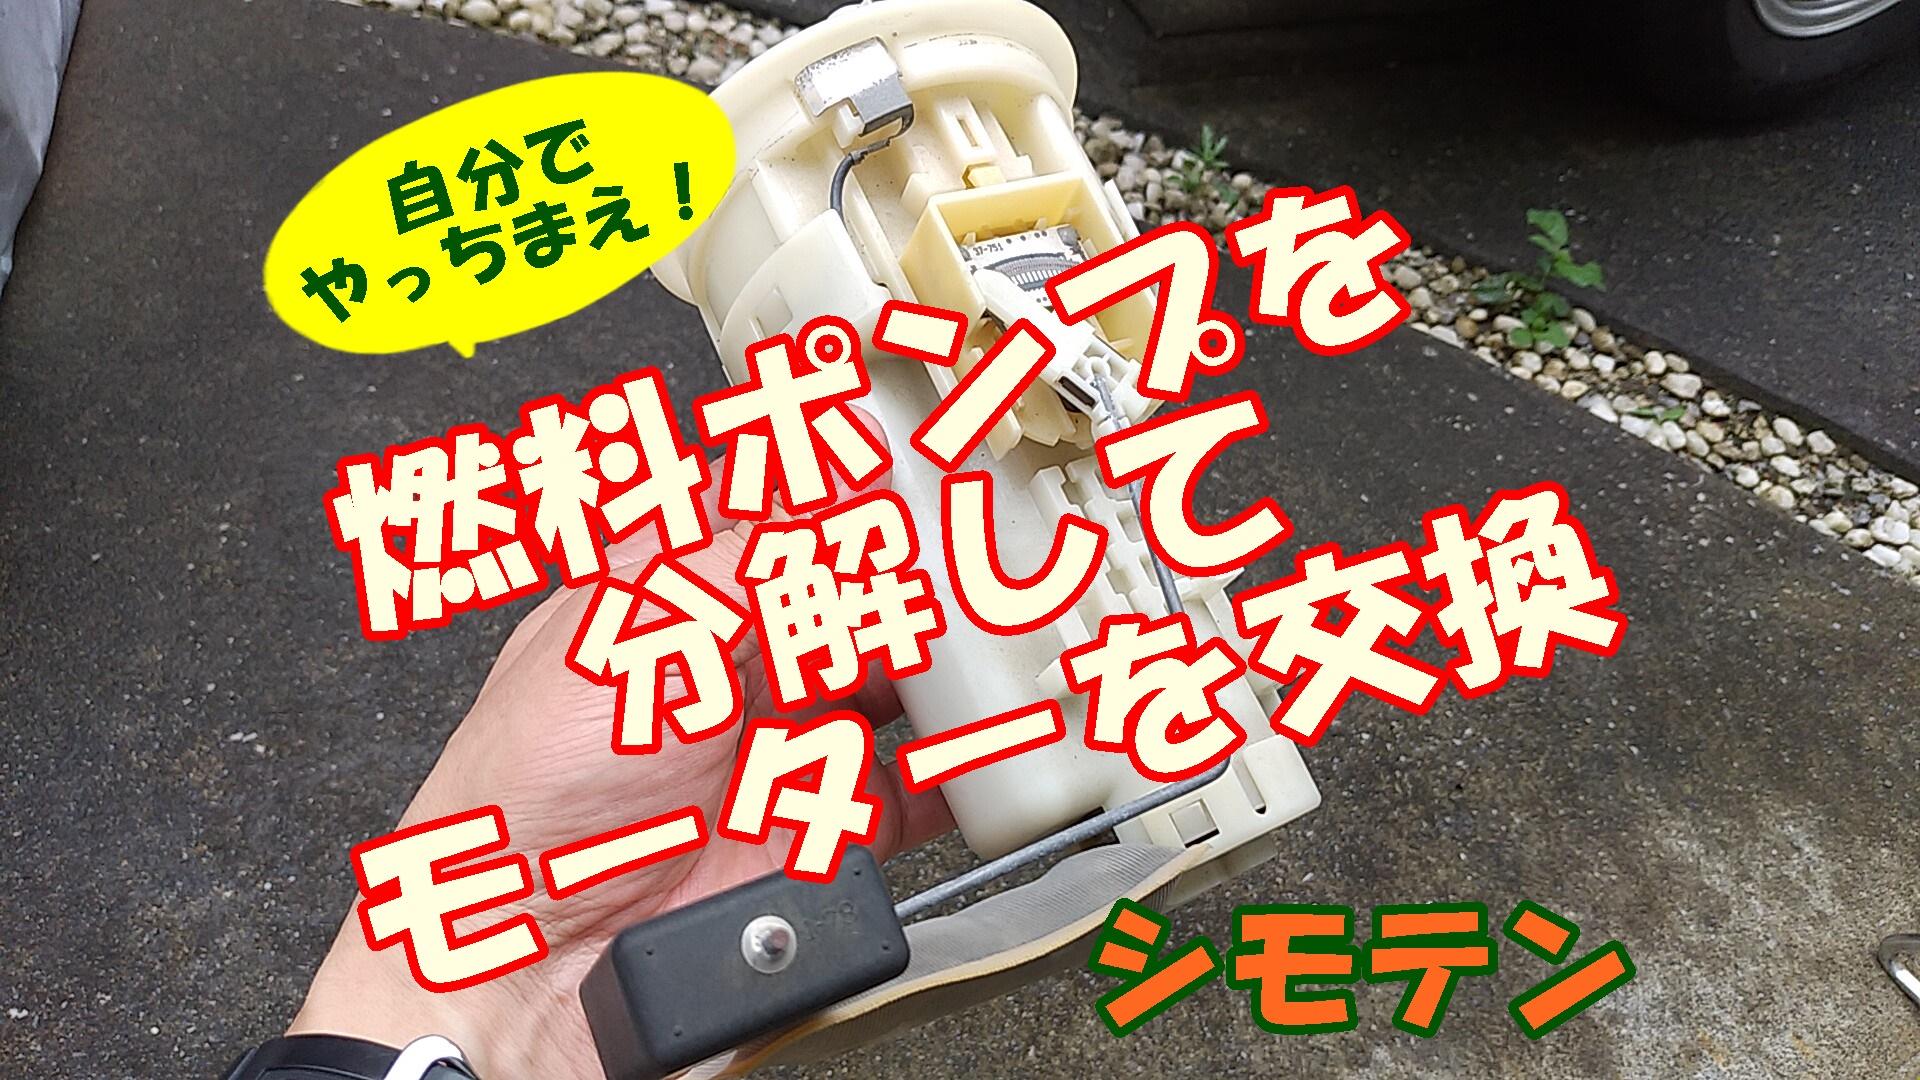 エンジン始動不能!燃料ポンプのモーターを自分で交換する!